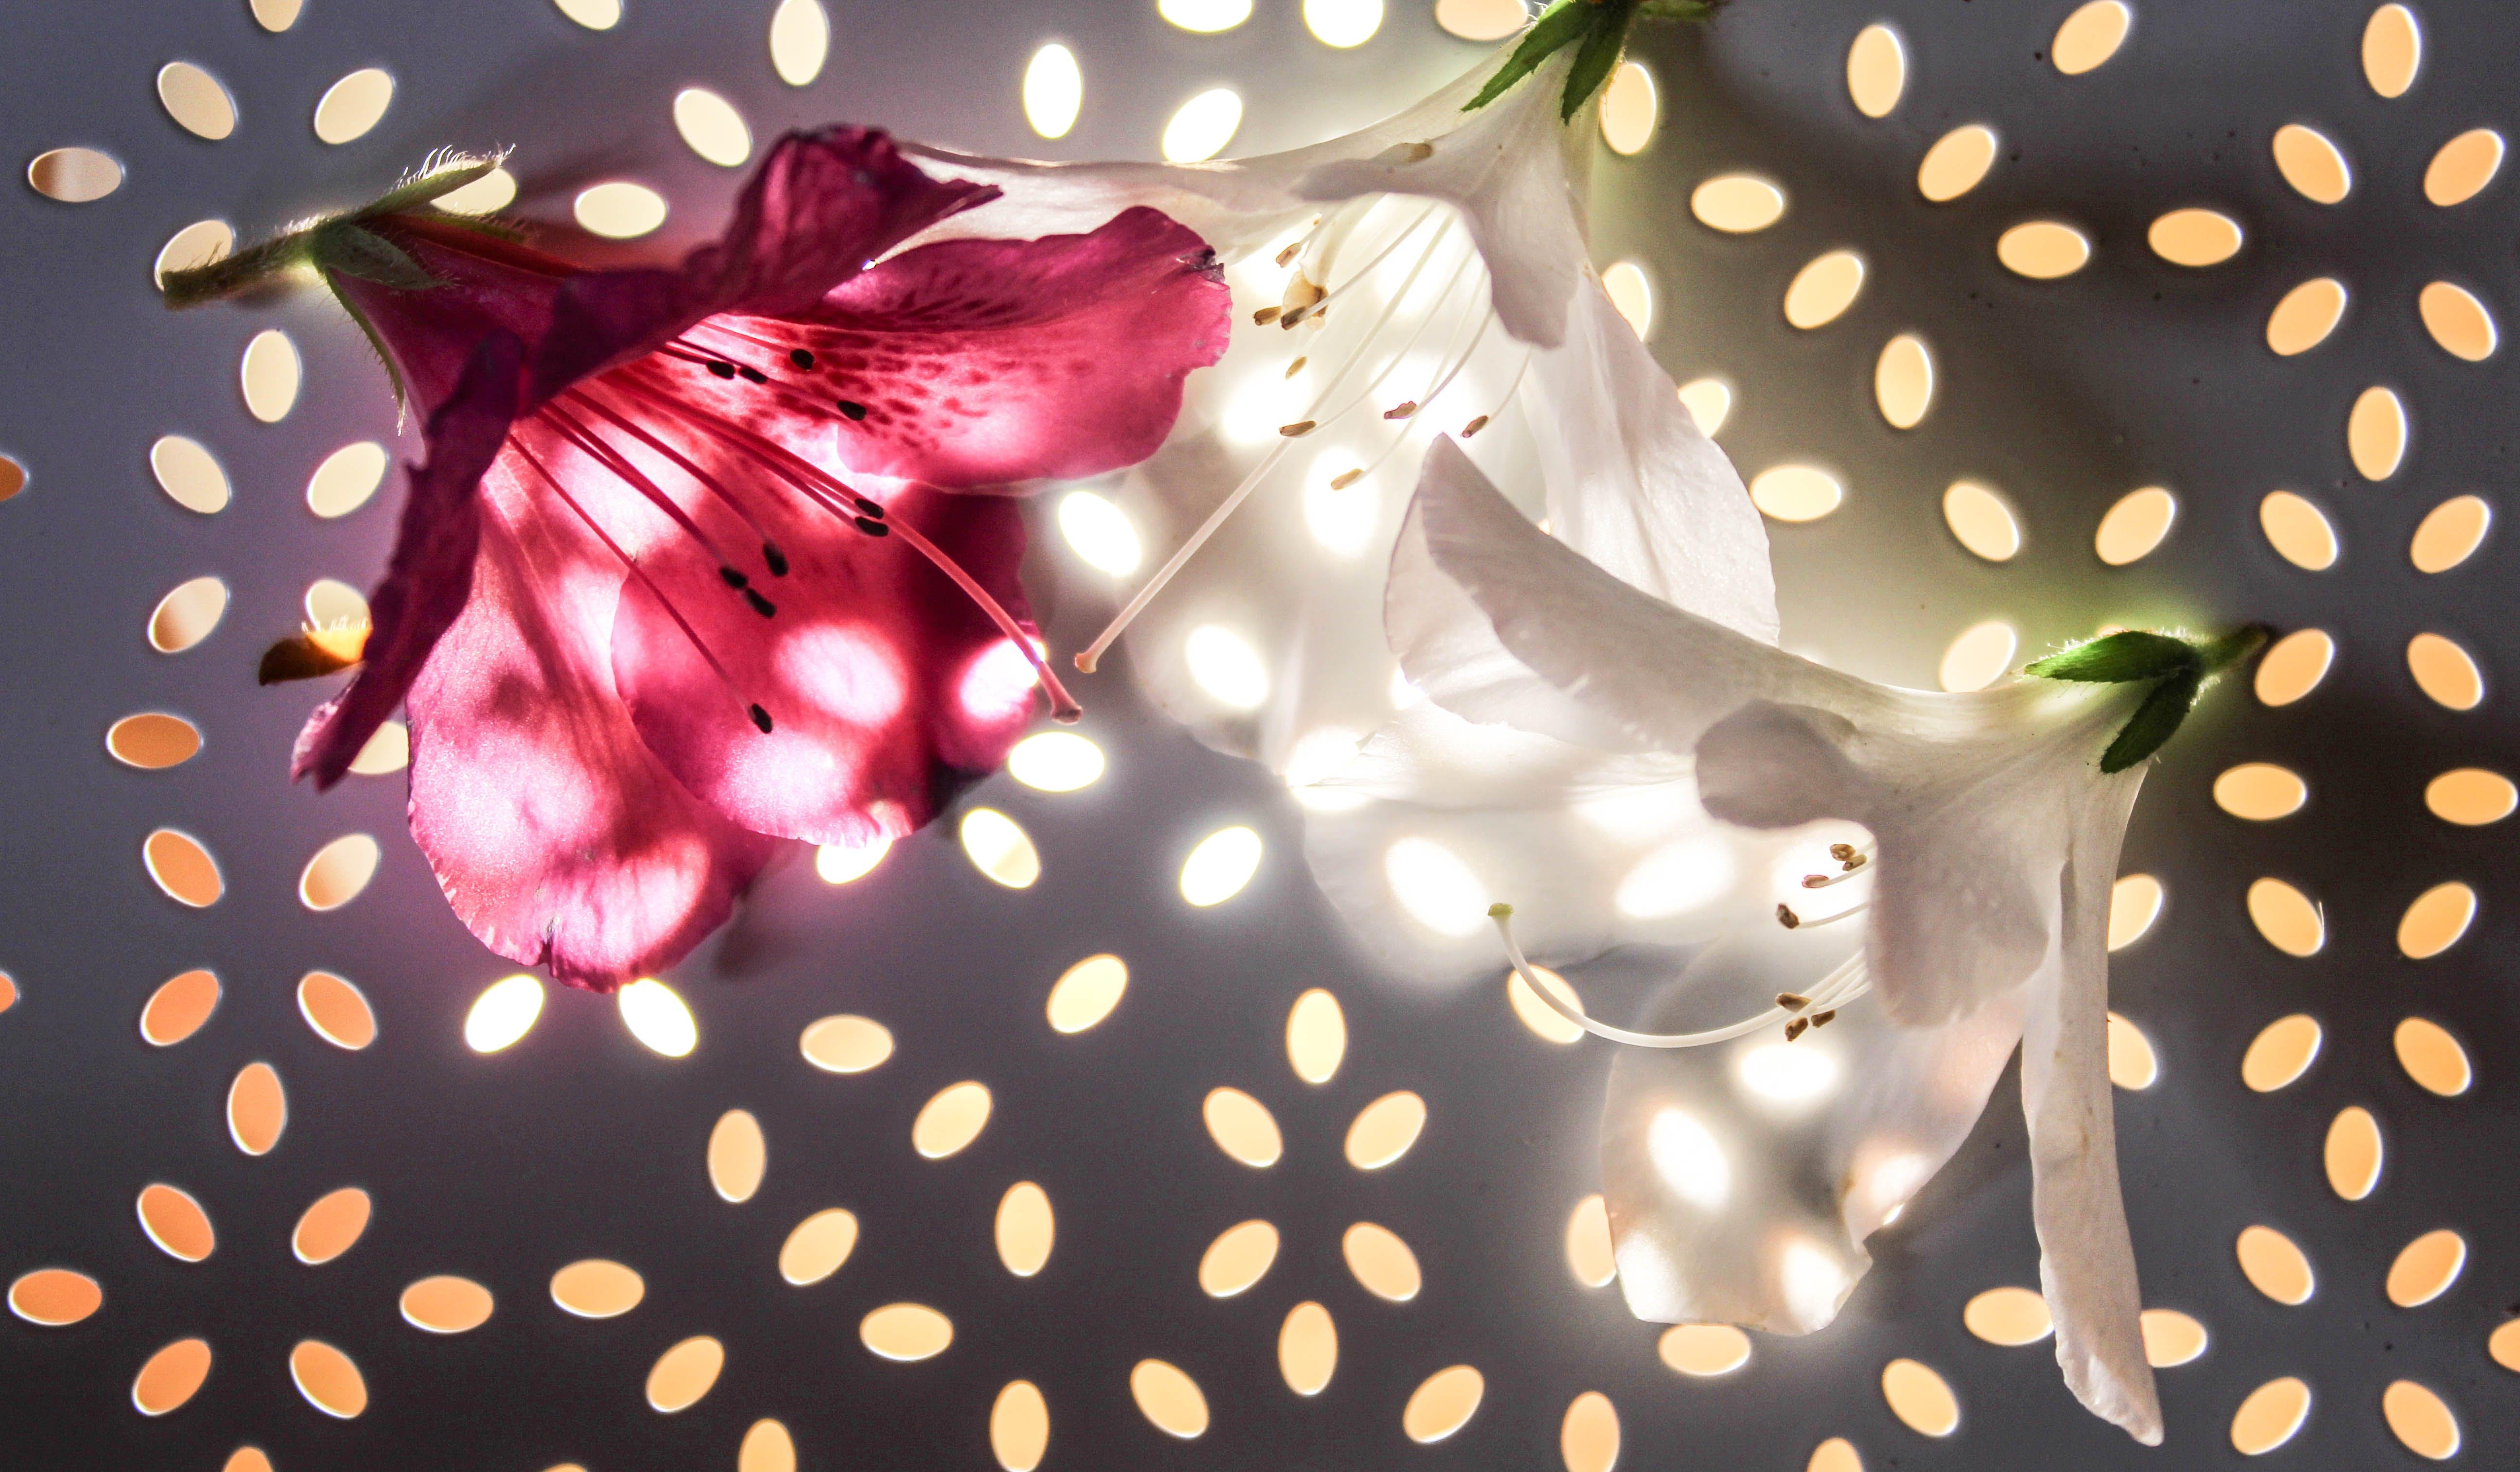 Kostenloses Stock Foto zu abstrakten hintergrund, glühen, licht, pinke blumen